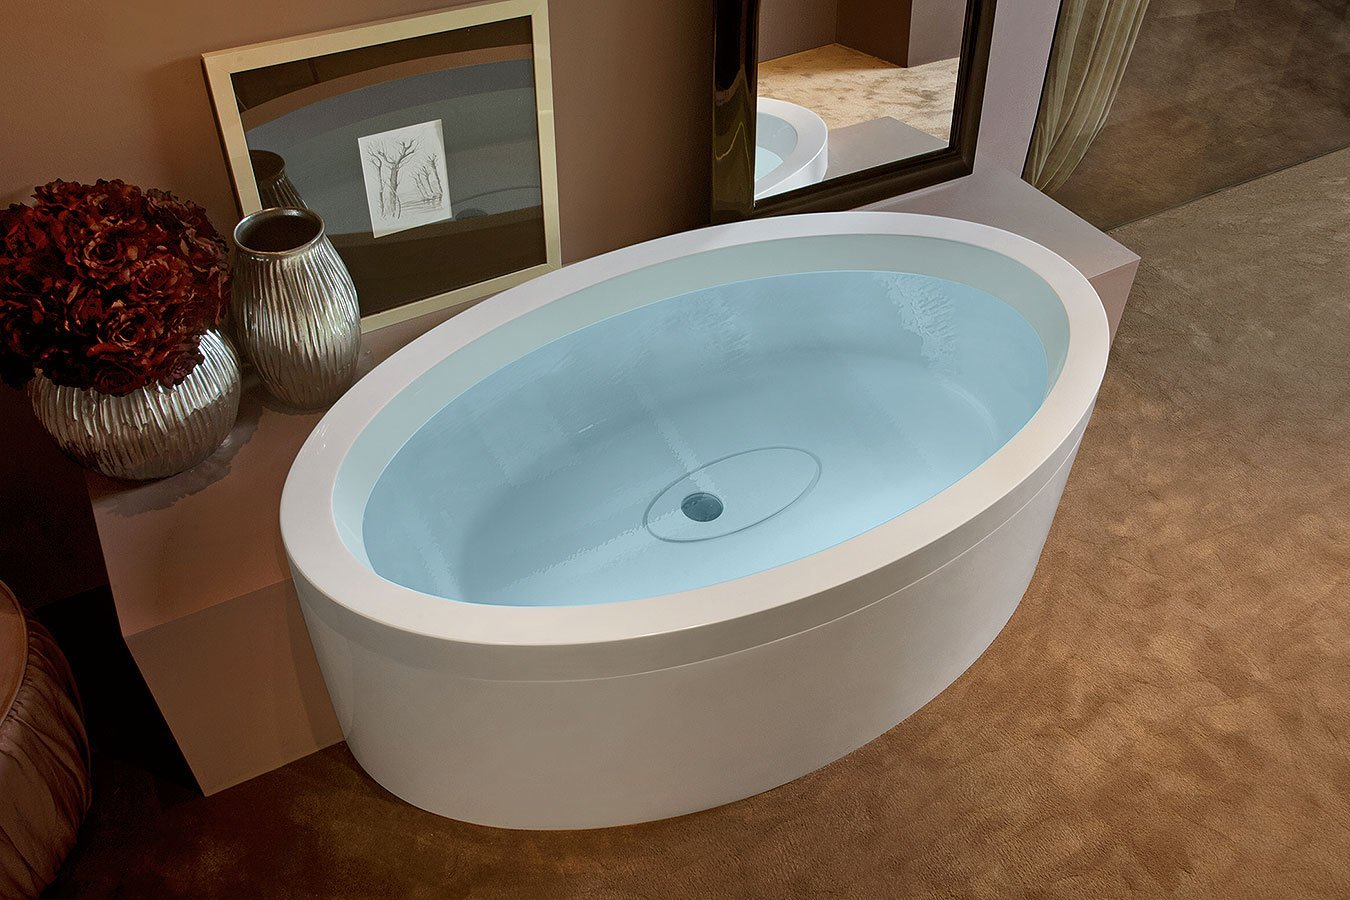 vasca da bagno ovale in acrilico con arredo bagno